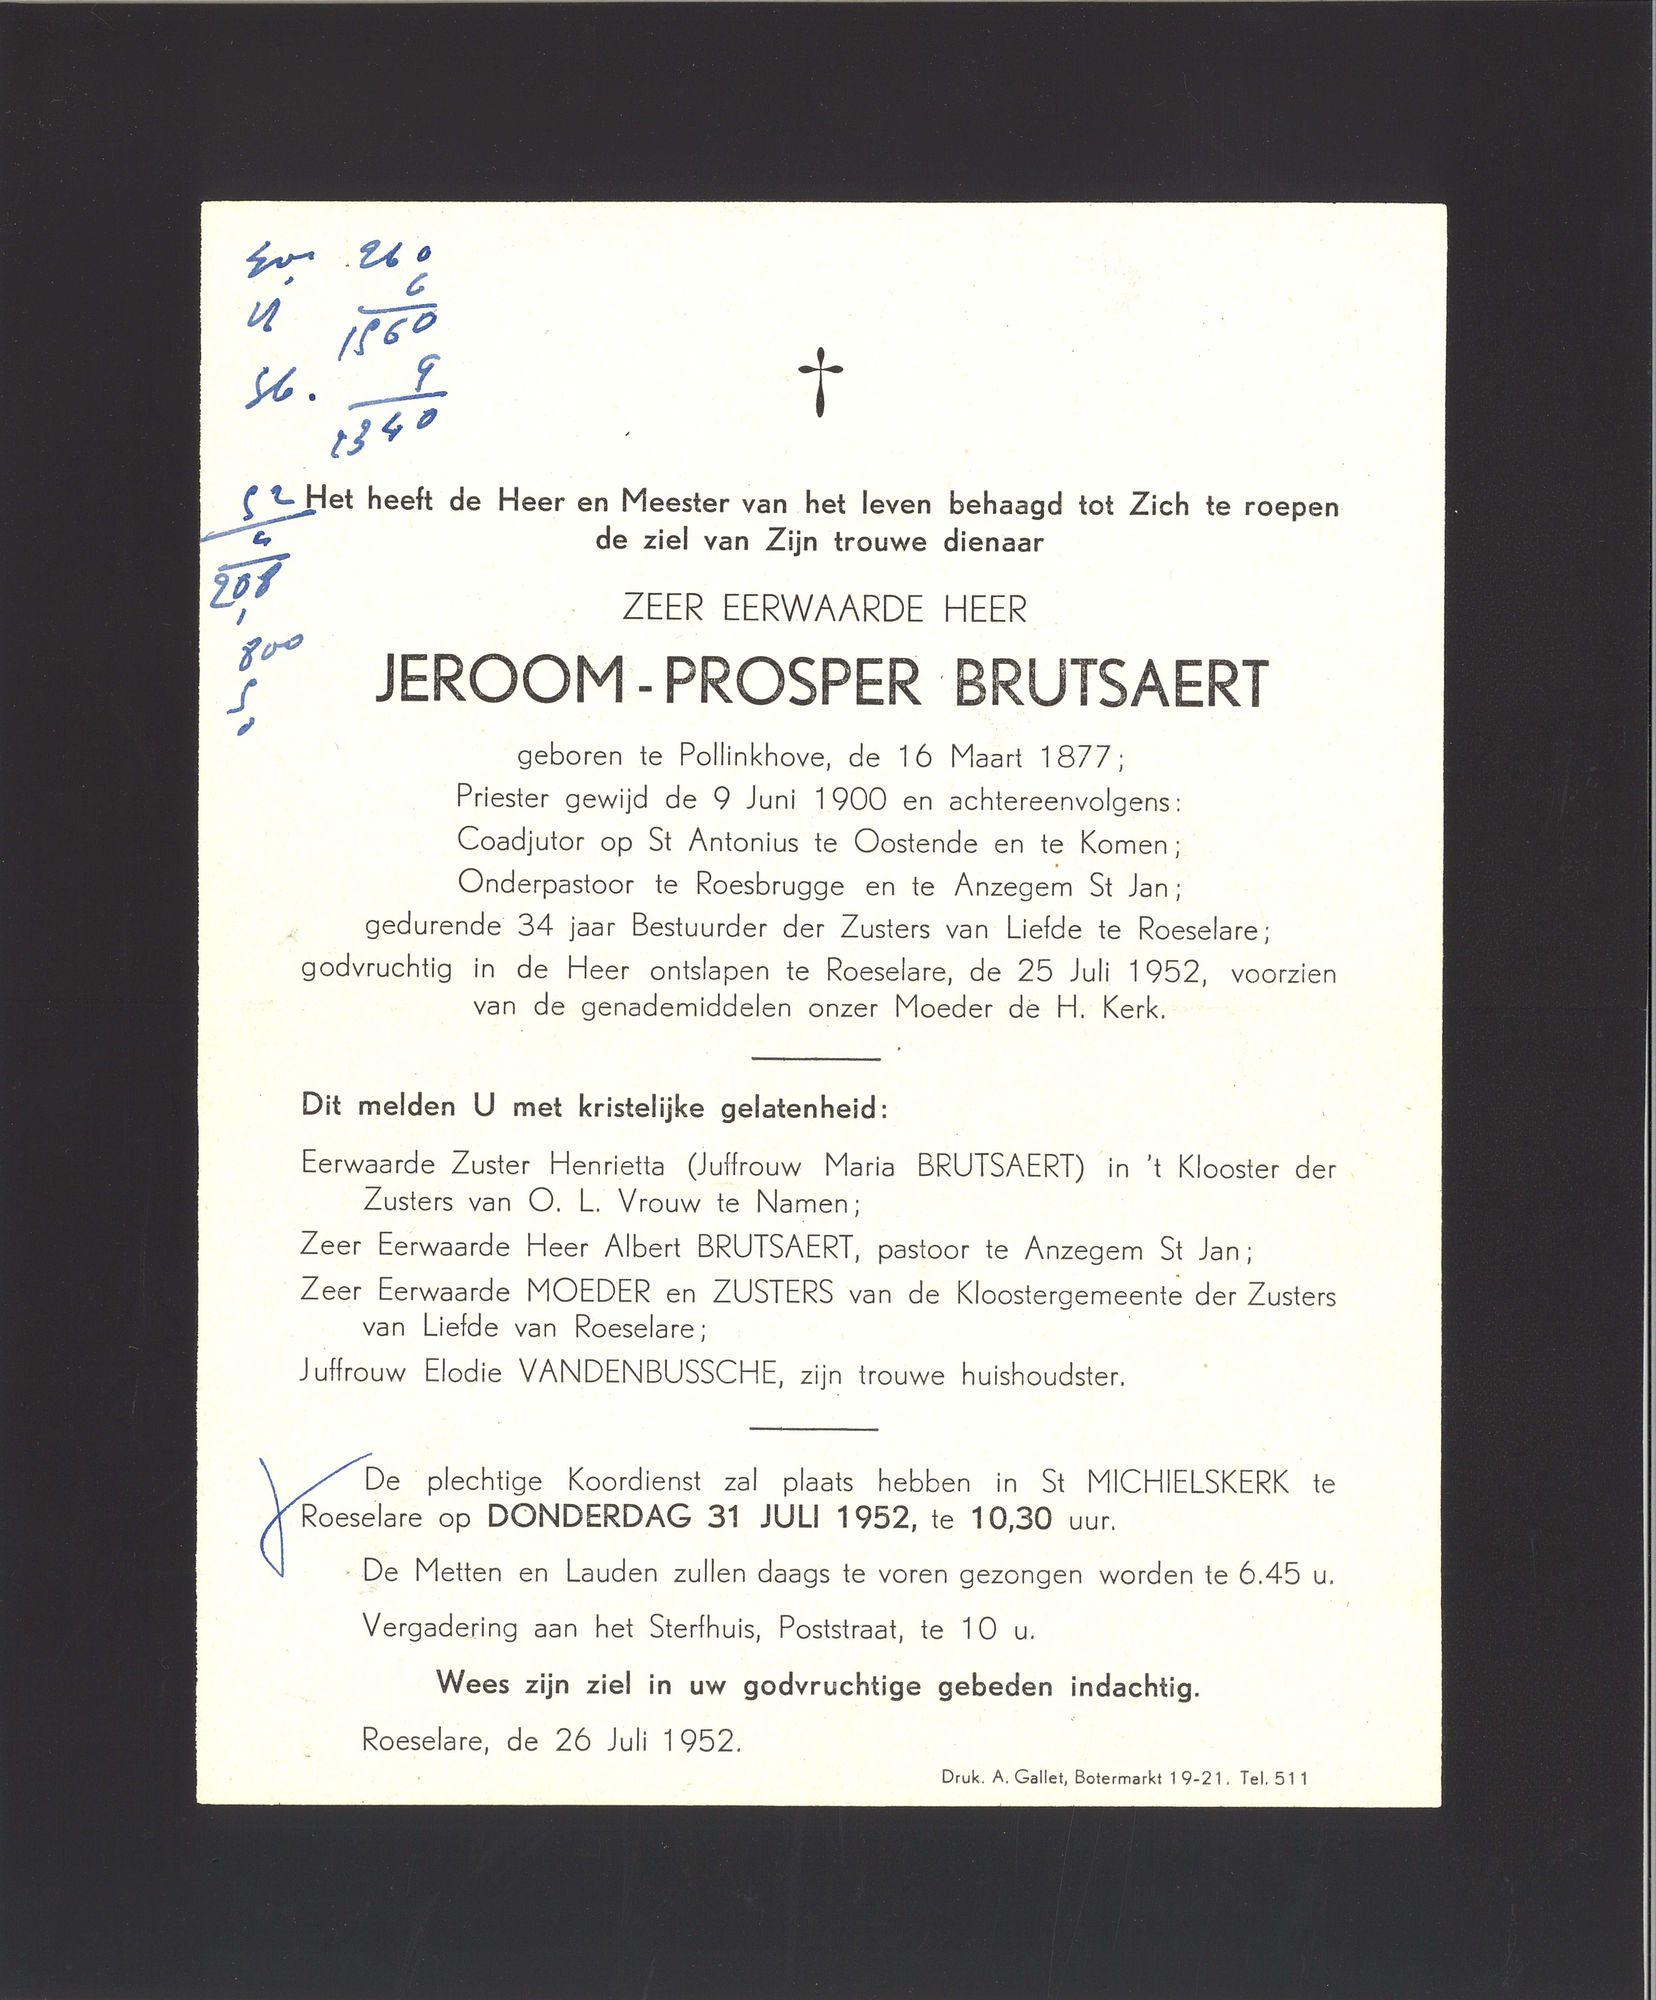 Jeroom-Prosper Brutsaert